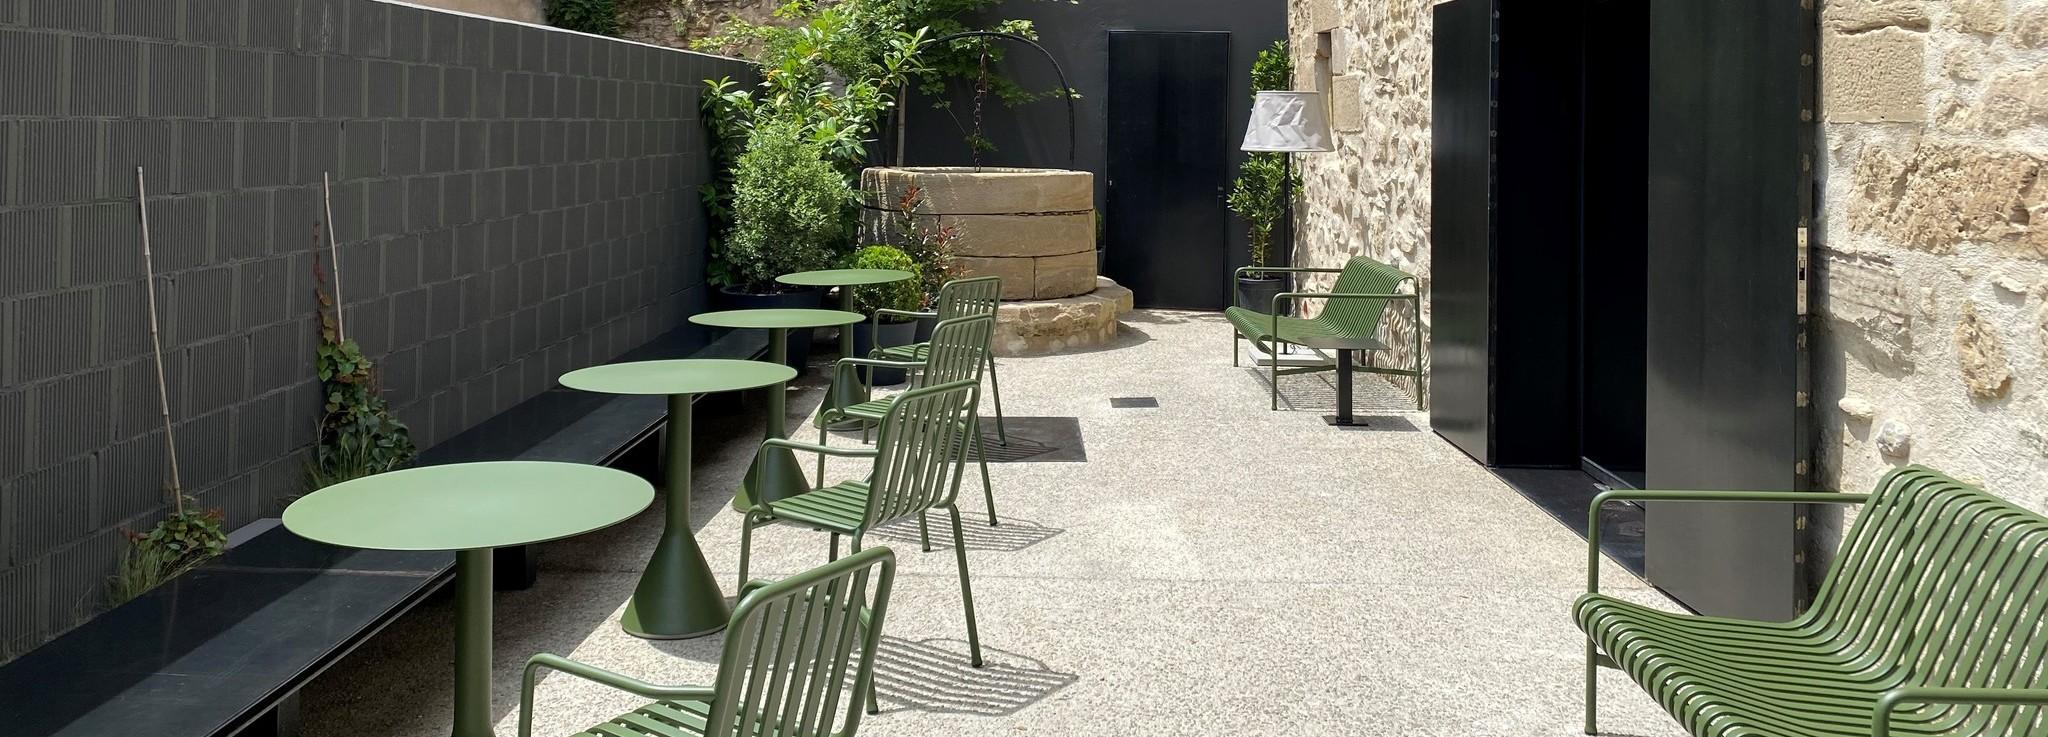 terraza si 1 1 web - El hotel